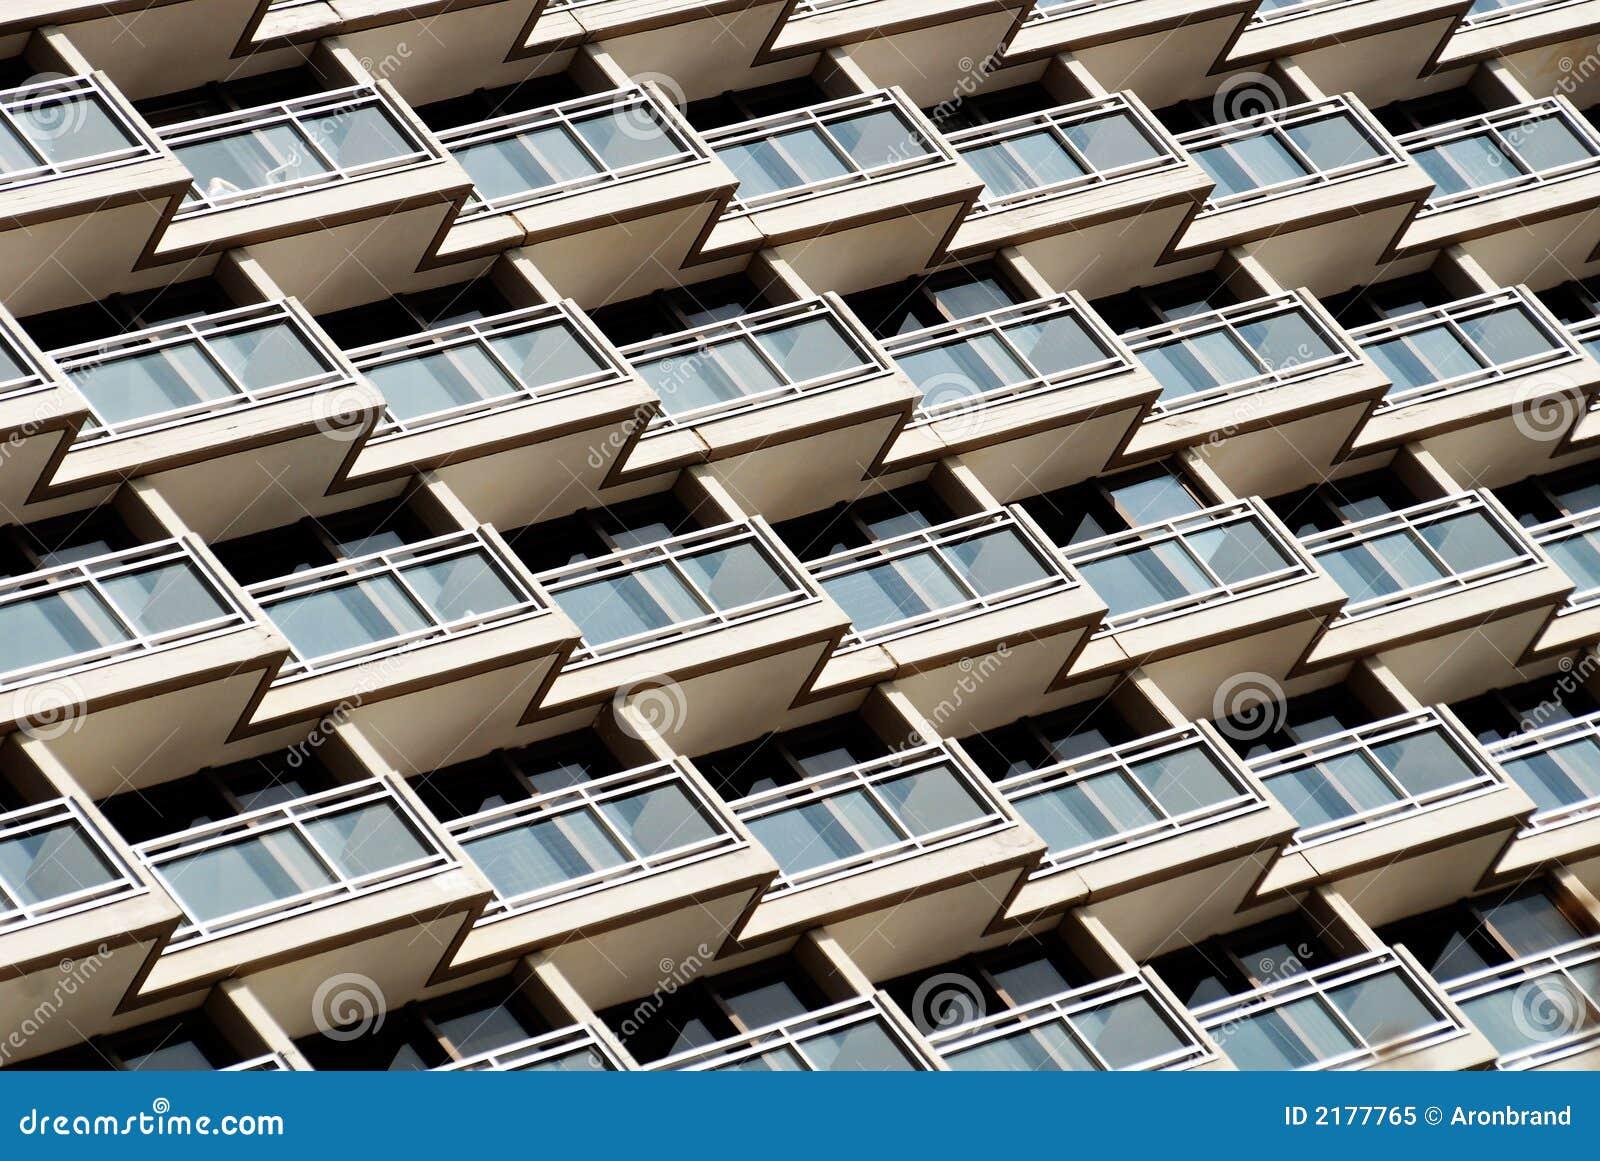 Architecture moderne photo libre de droits image 2177765 for Architecture geometrique